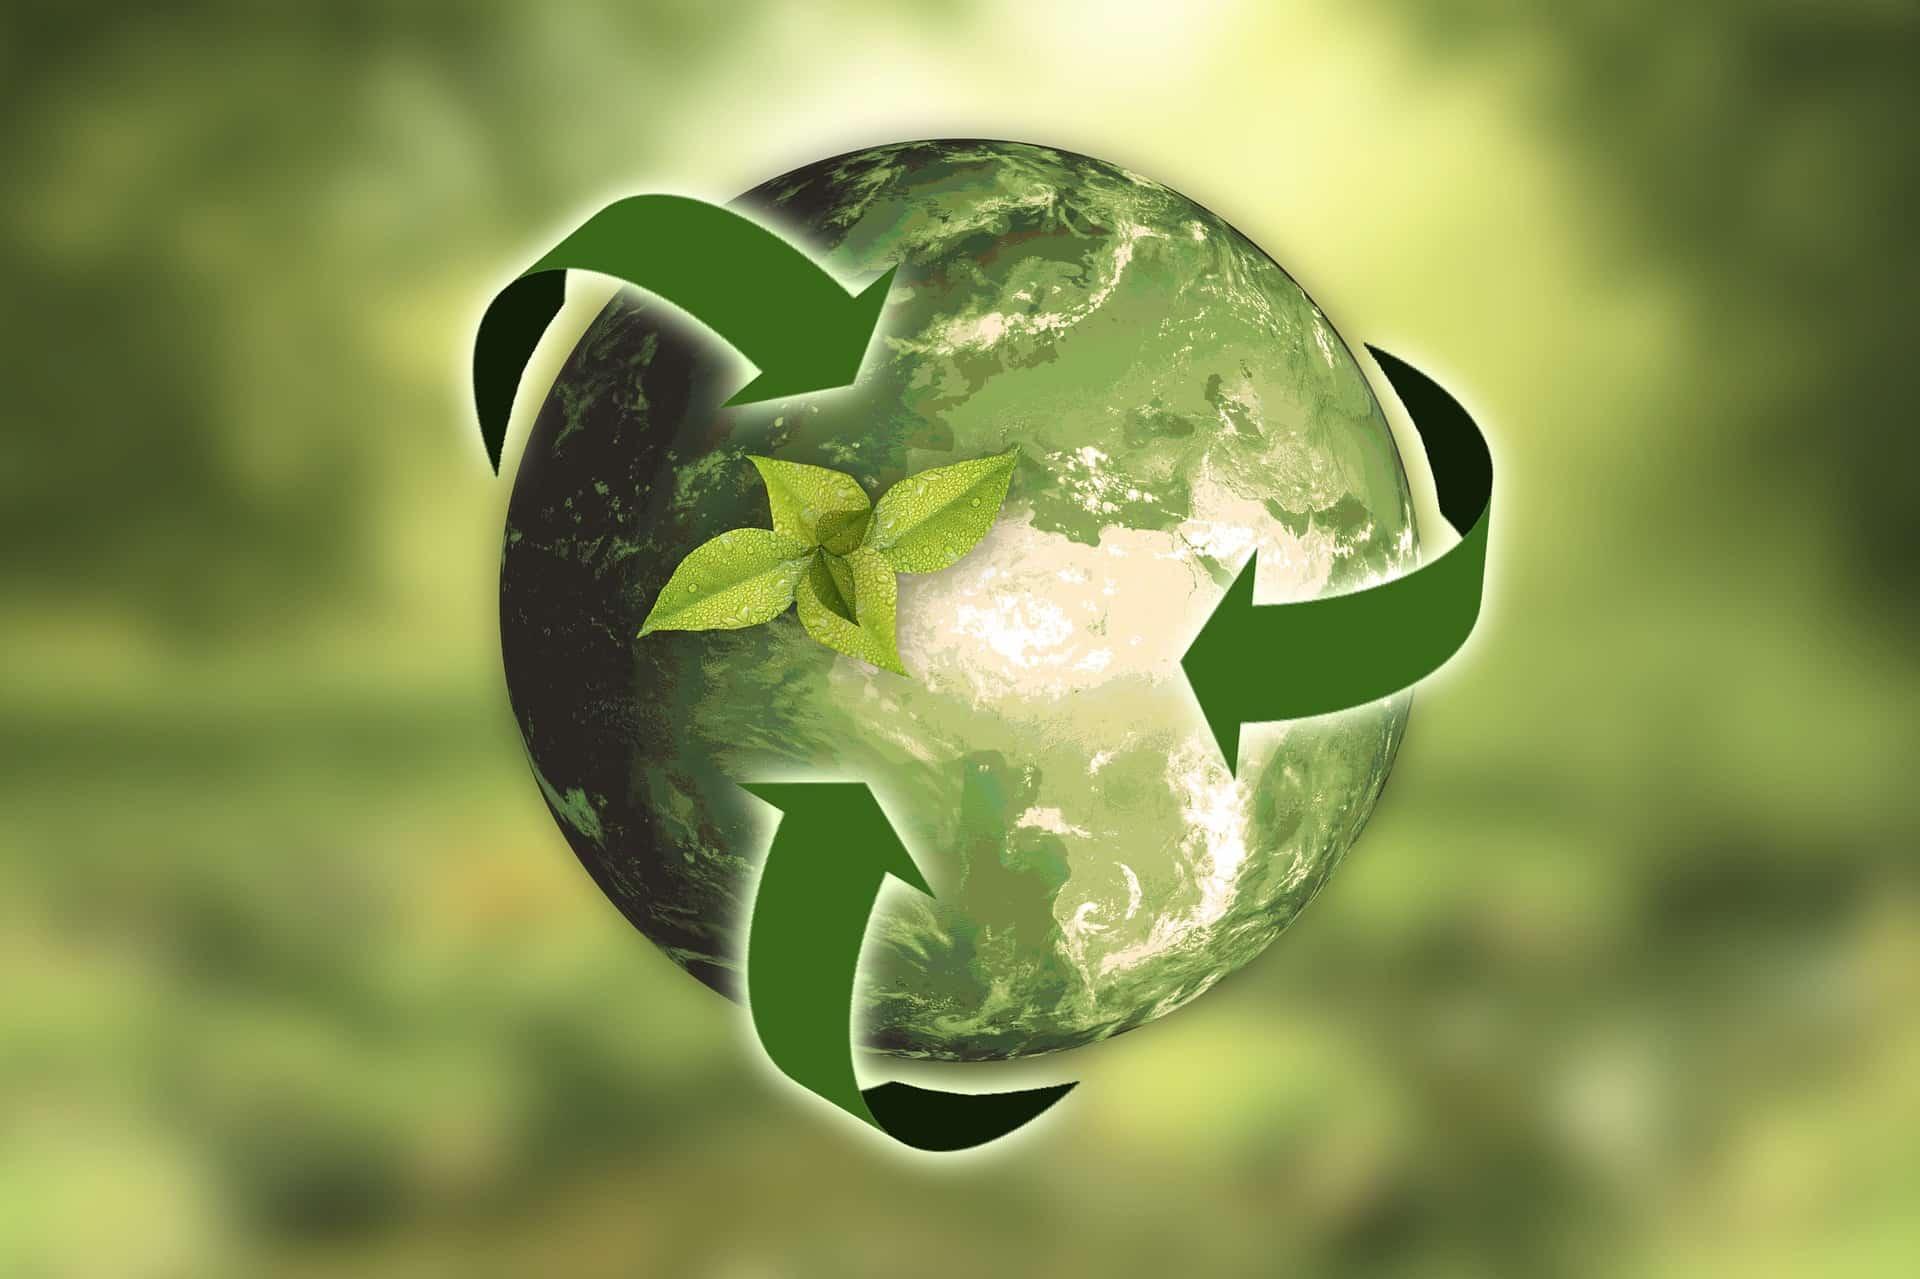 Postotak odvajanja otpada ipak raste, najveći porast kod plastike